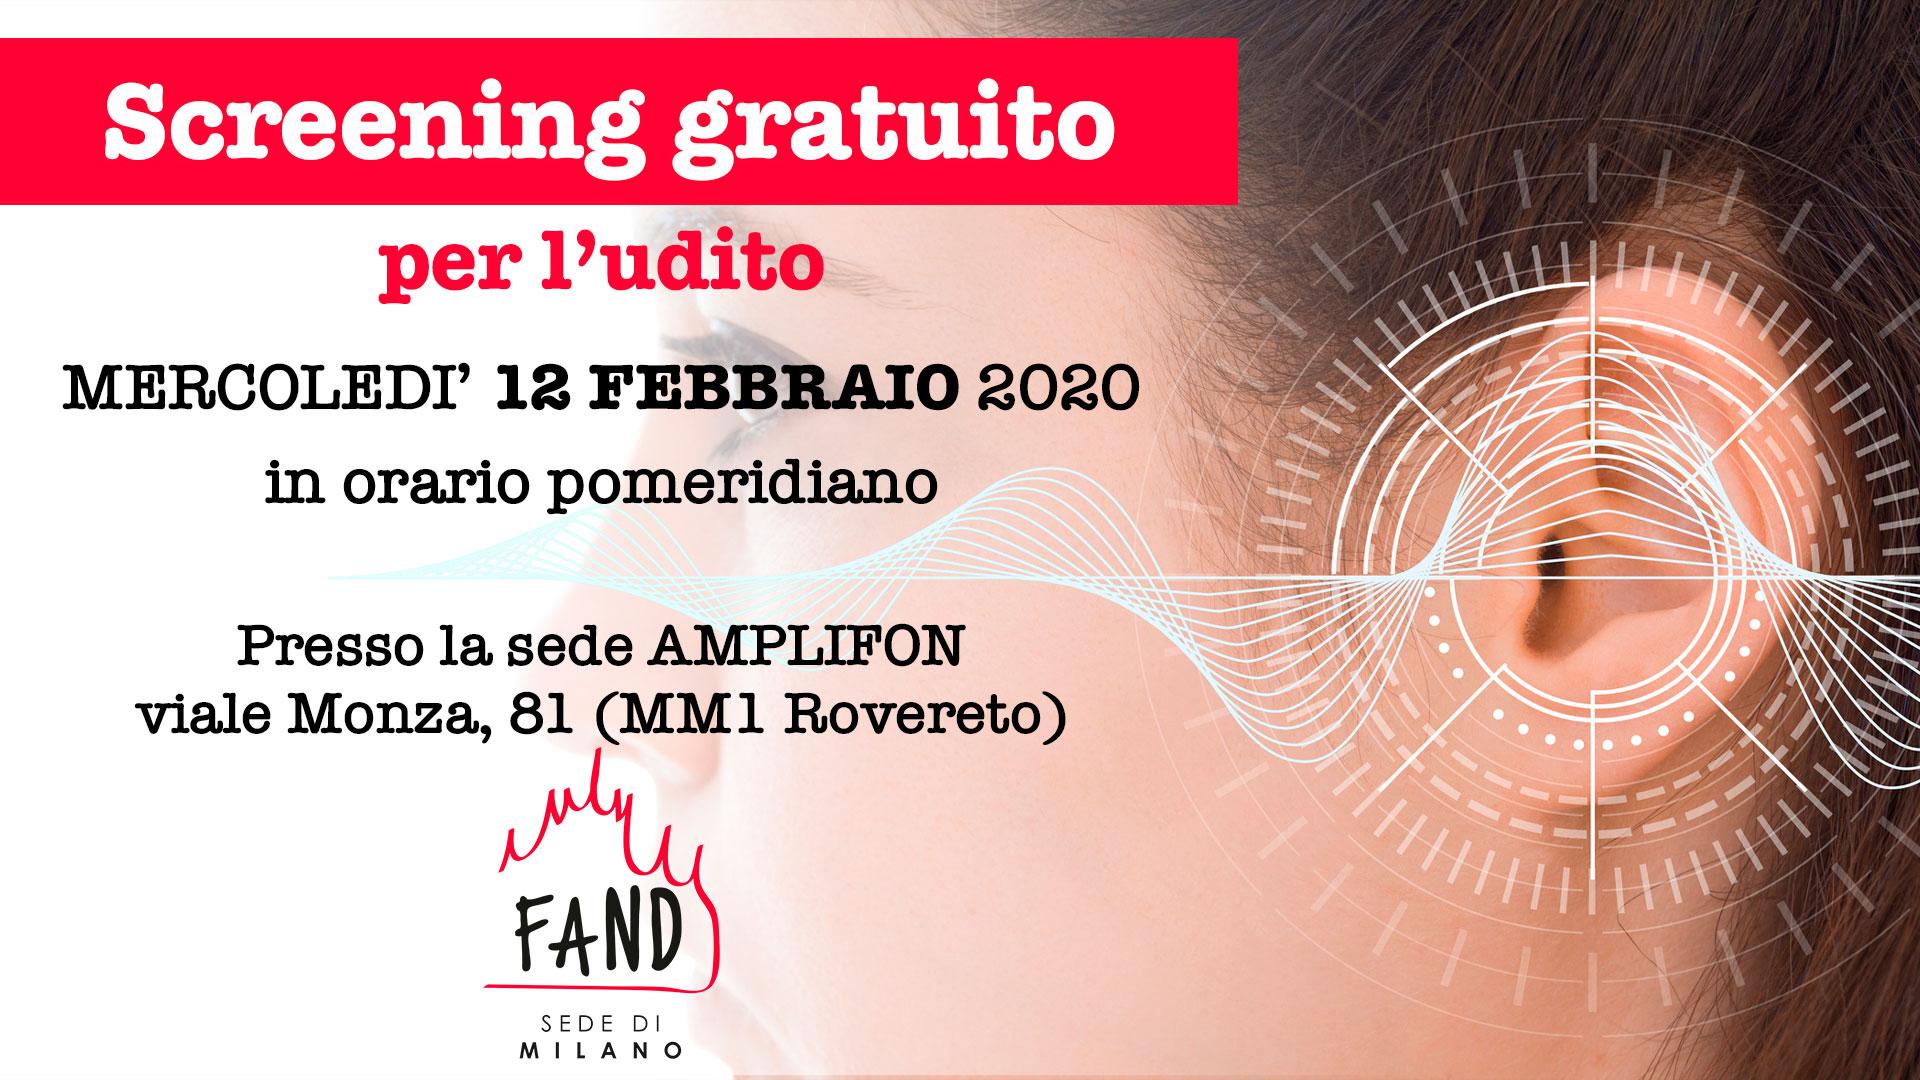 12 Febbraio 2020 - Screening gratuito dell'udito